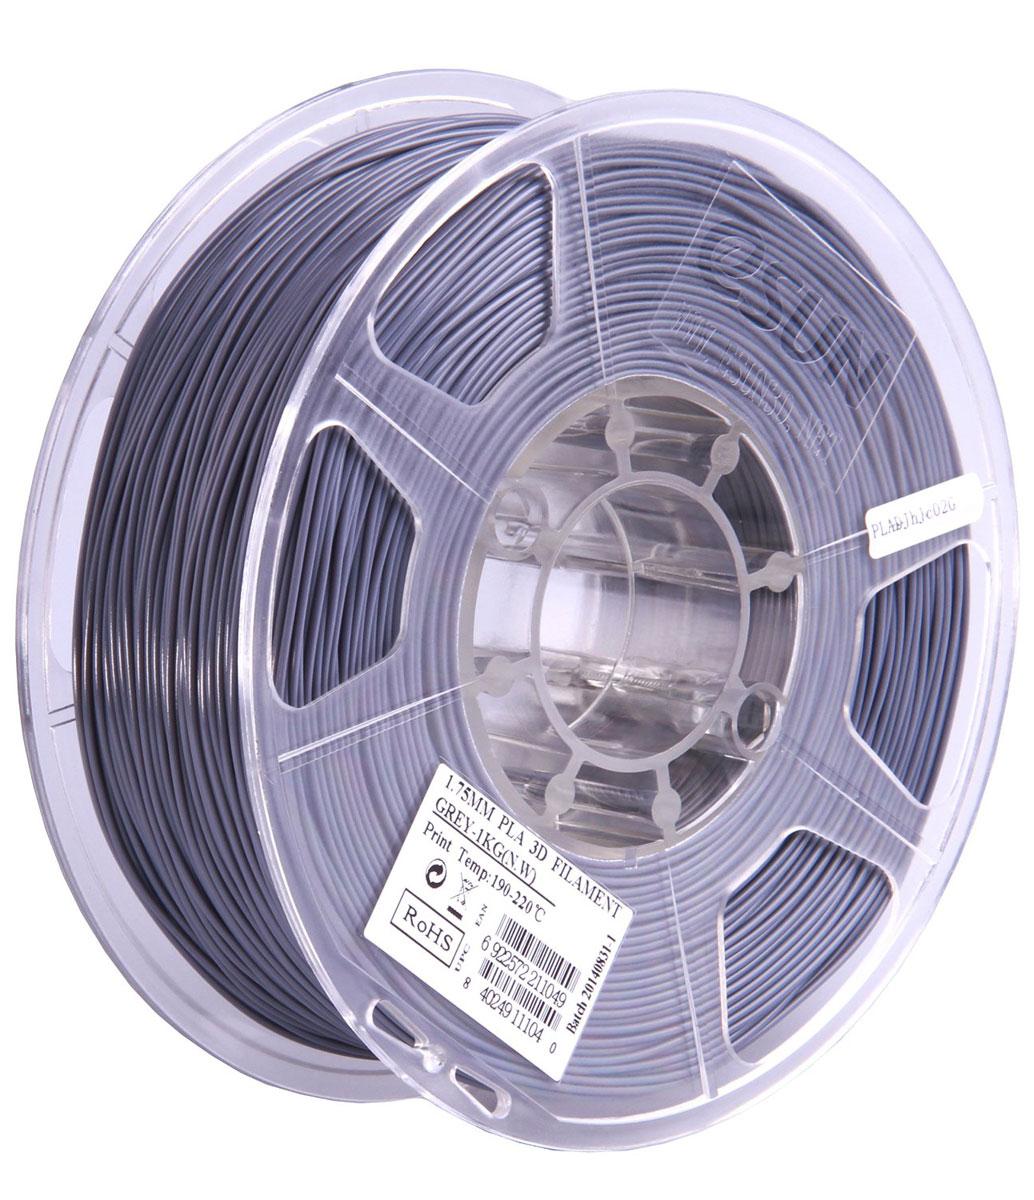 ESUN PLA-пластик в катушке, Grey (PLA175H1)PLA175H1Пластик PLA от ESUN долговечный и очень прочный полимер, ударопрочный, эластичный и стойкий к моющим средствам и щелочам. Один из лучших материалов для печати на 3D принтере. Пластик не имеет запаха и не является токсичным. Температура плавления 190-220°C. PLA пластик для 3D-принтера применяется в деталях автомобилей, канцелярских изделиях, корпусах бытовой техники, мебели, сантехники, а также в производстве игрушек, сувениров, спортивного инвентаря, деталей оружия, медицинского оборудования и прочего. Диаметр нити: 1.75 мм